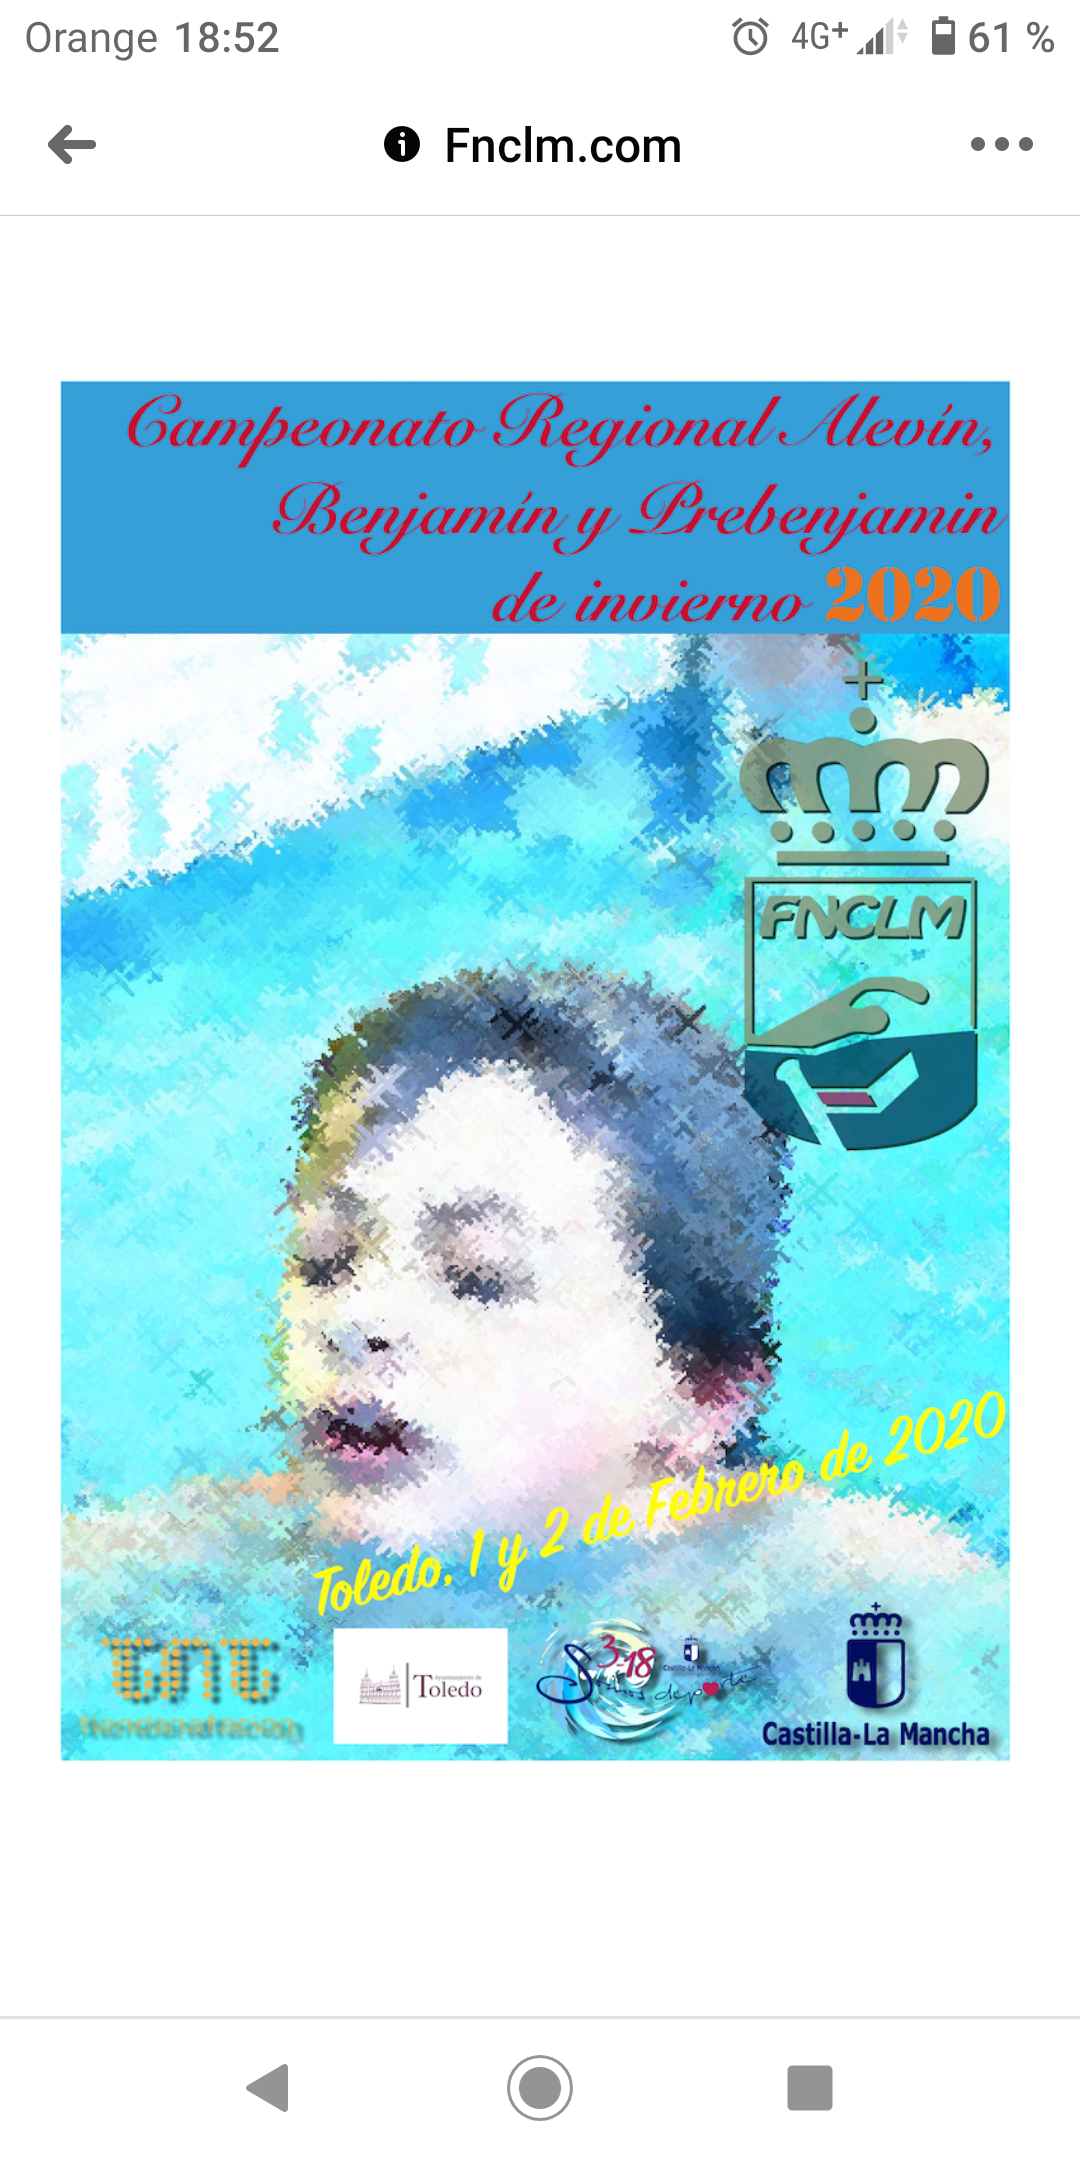 39 nadadores representarán este fin de semana al Ciudad de Talavera en el Regional de Invierno